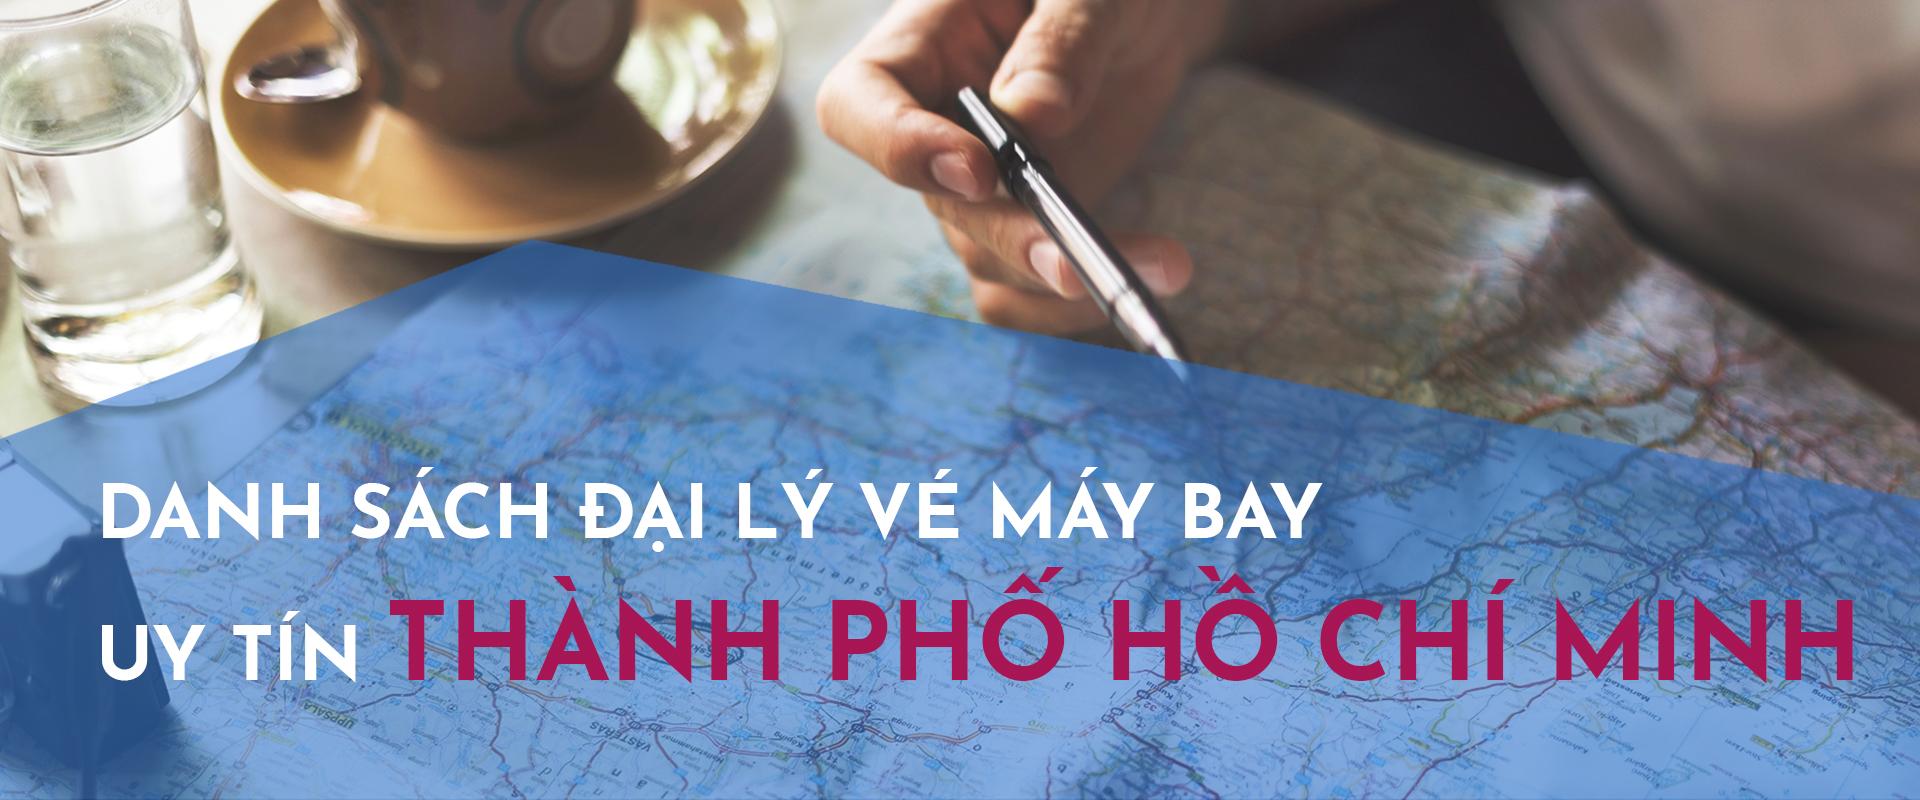 Danh sách phòng vé máy bay uy tín tại thành phố Hồ Chí Minh